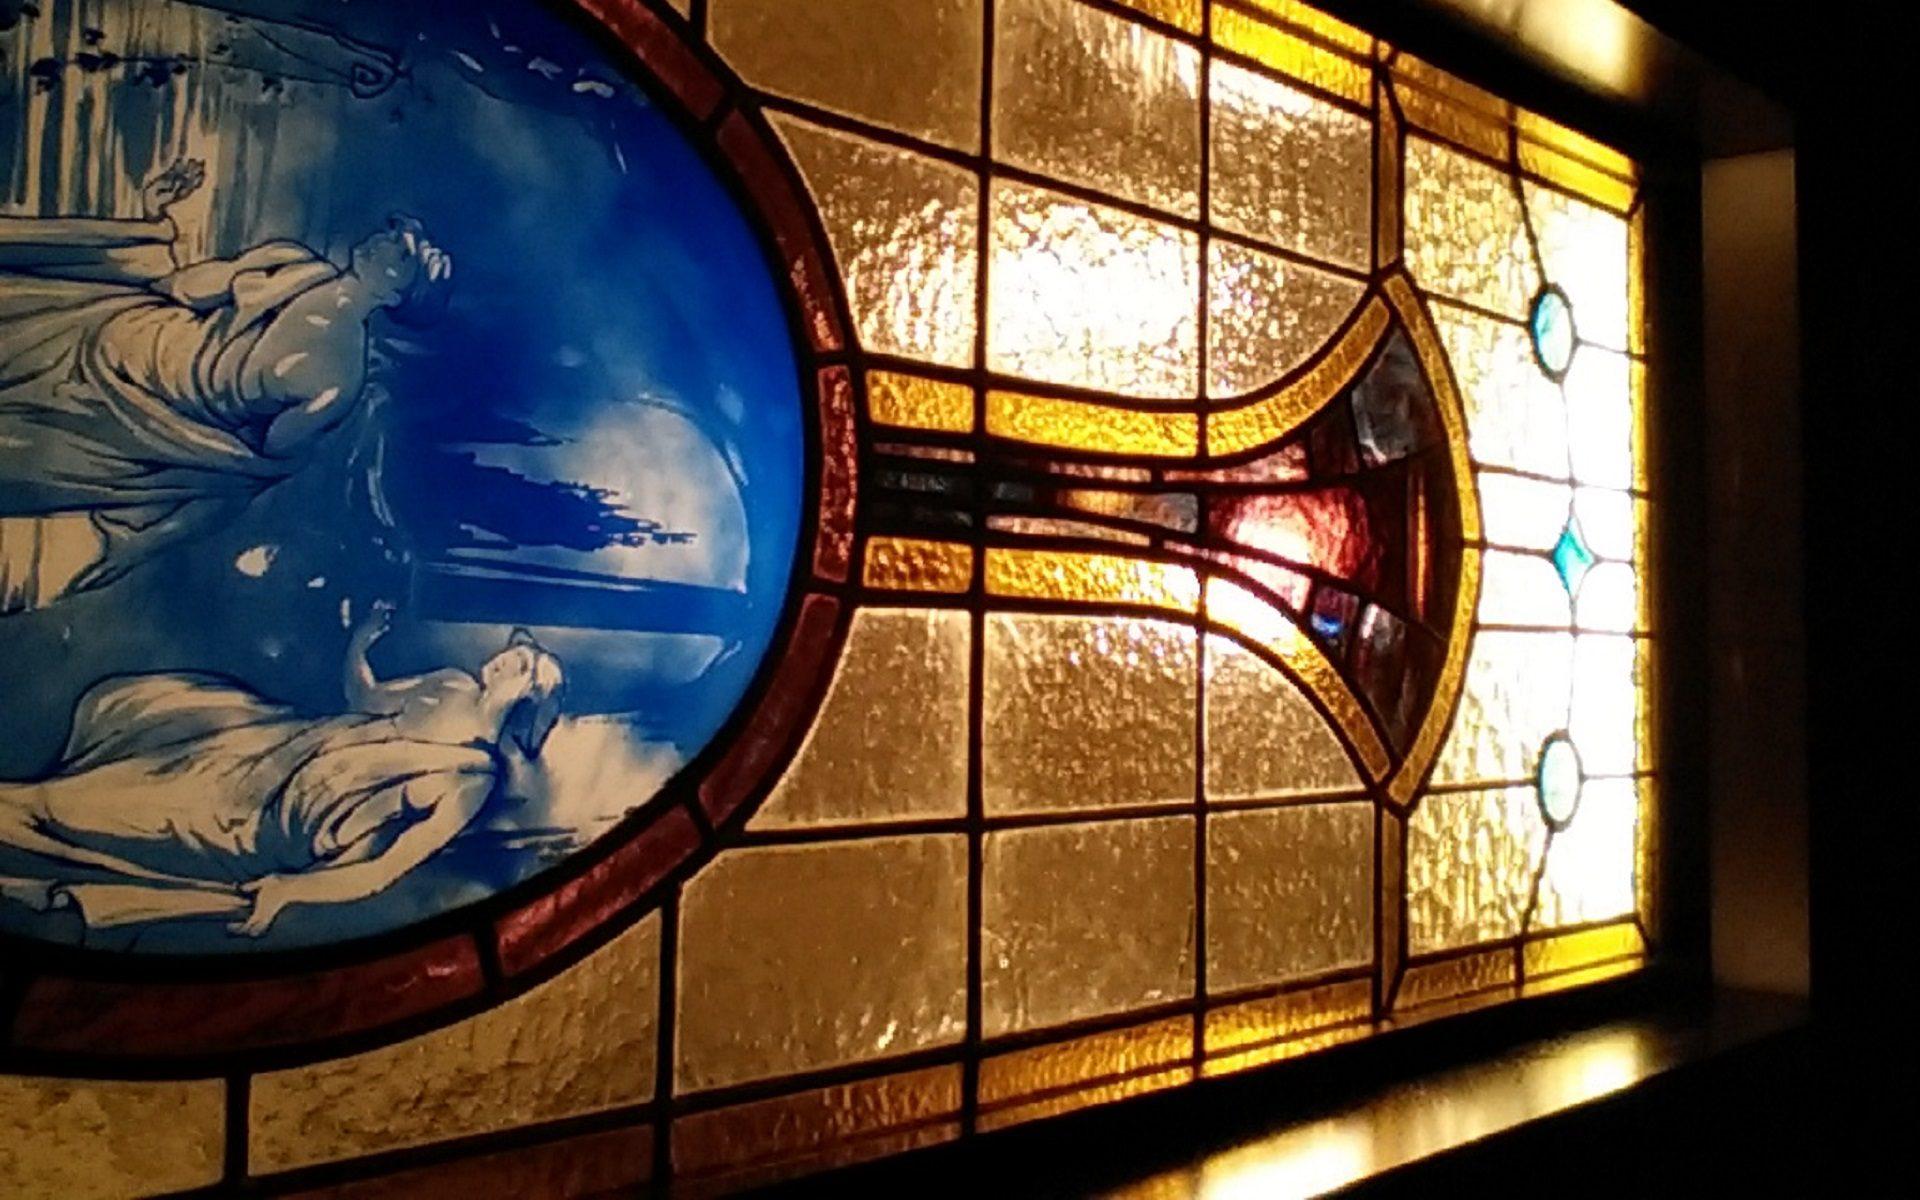 一般住宅の室内にはめ込まれたアンティークのステンドグラスウィンドウを仰ぎ見る。イラストはエッチング処理で表現されている。